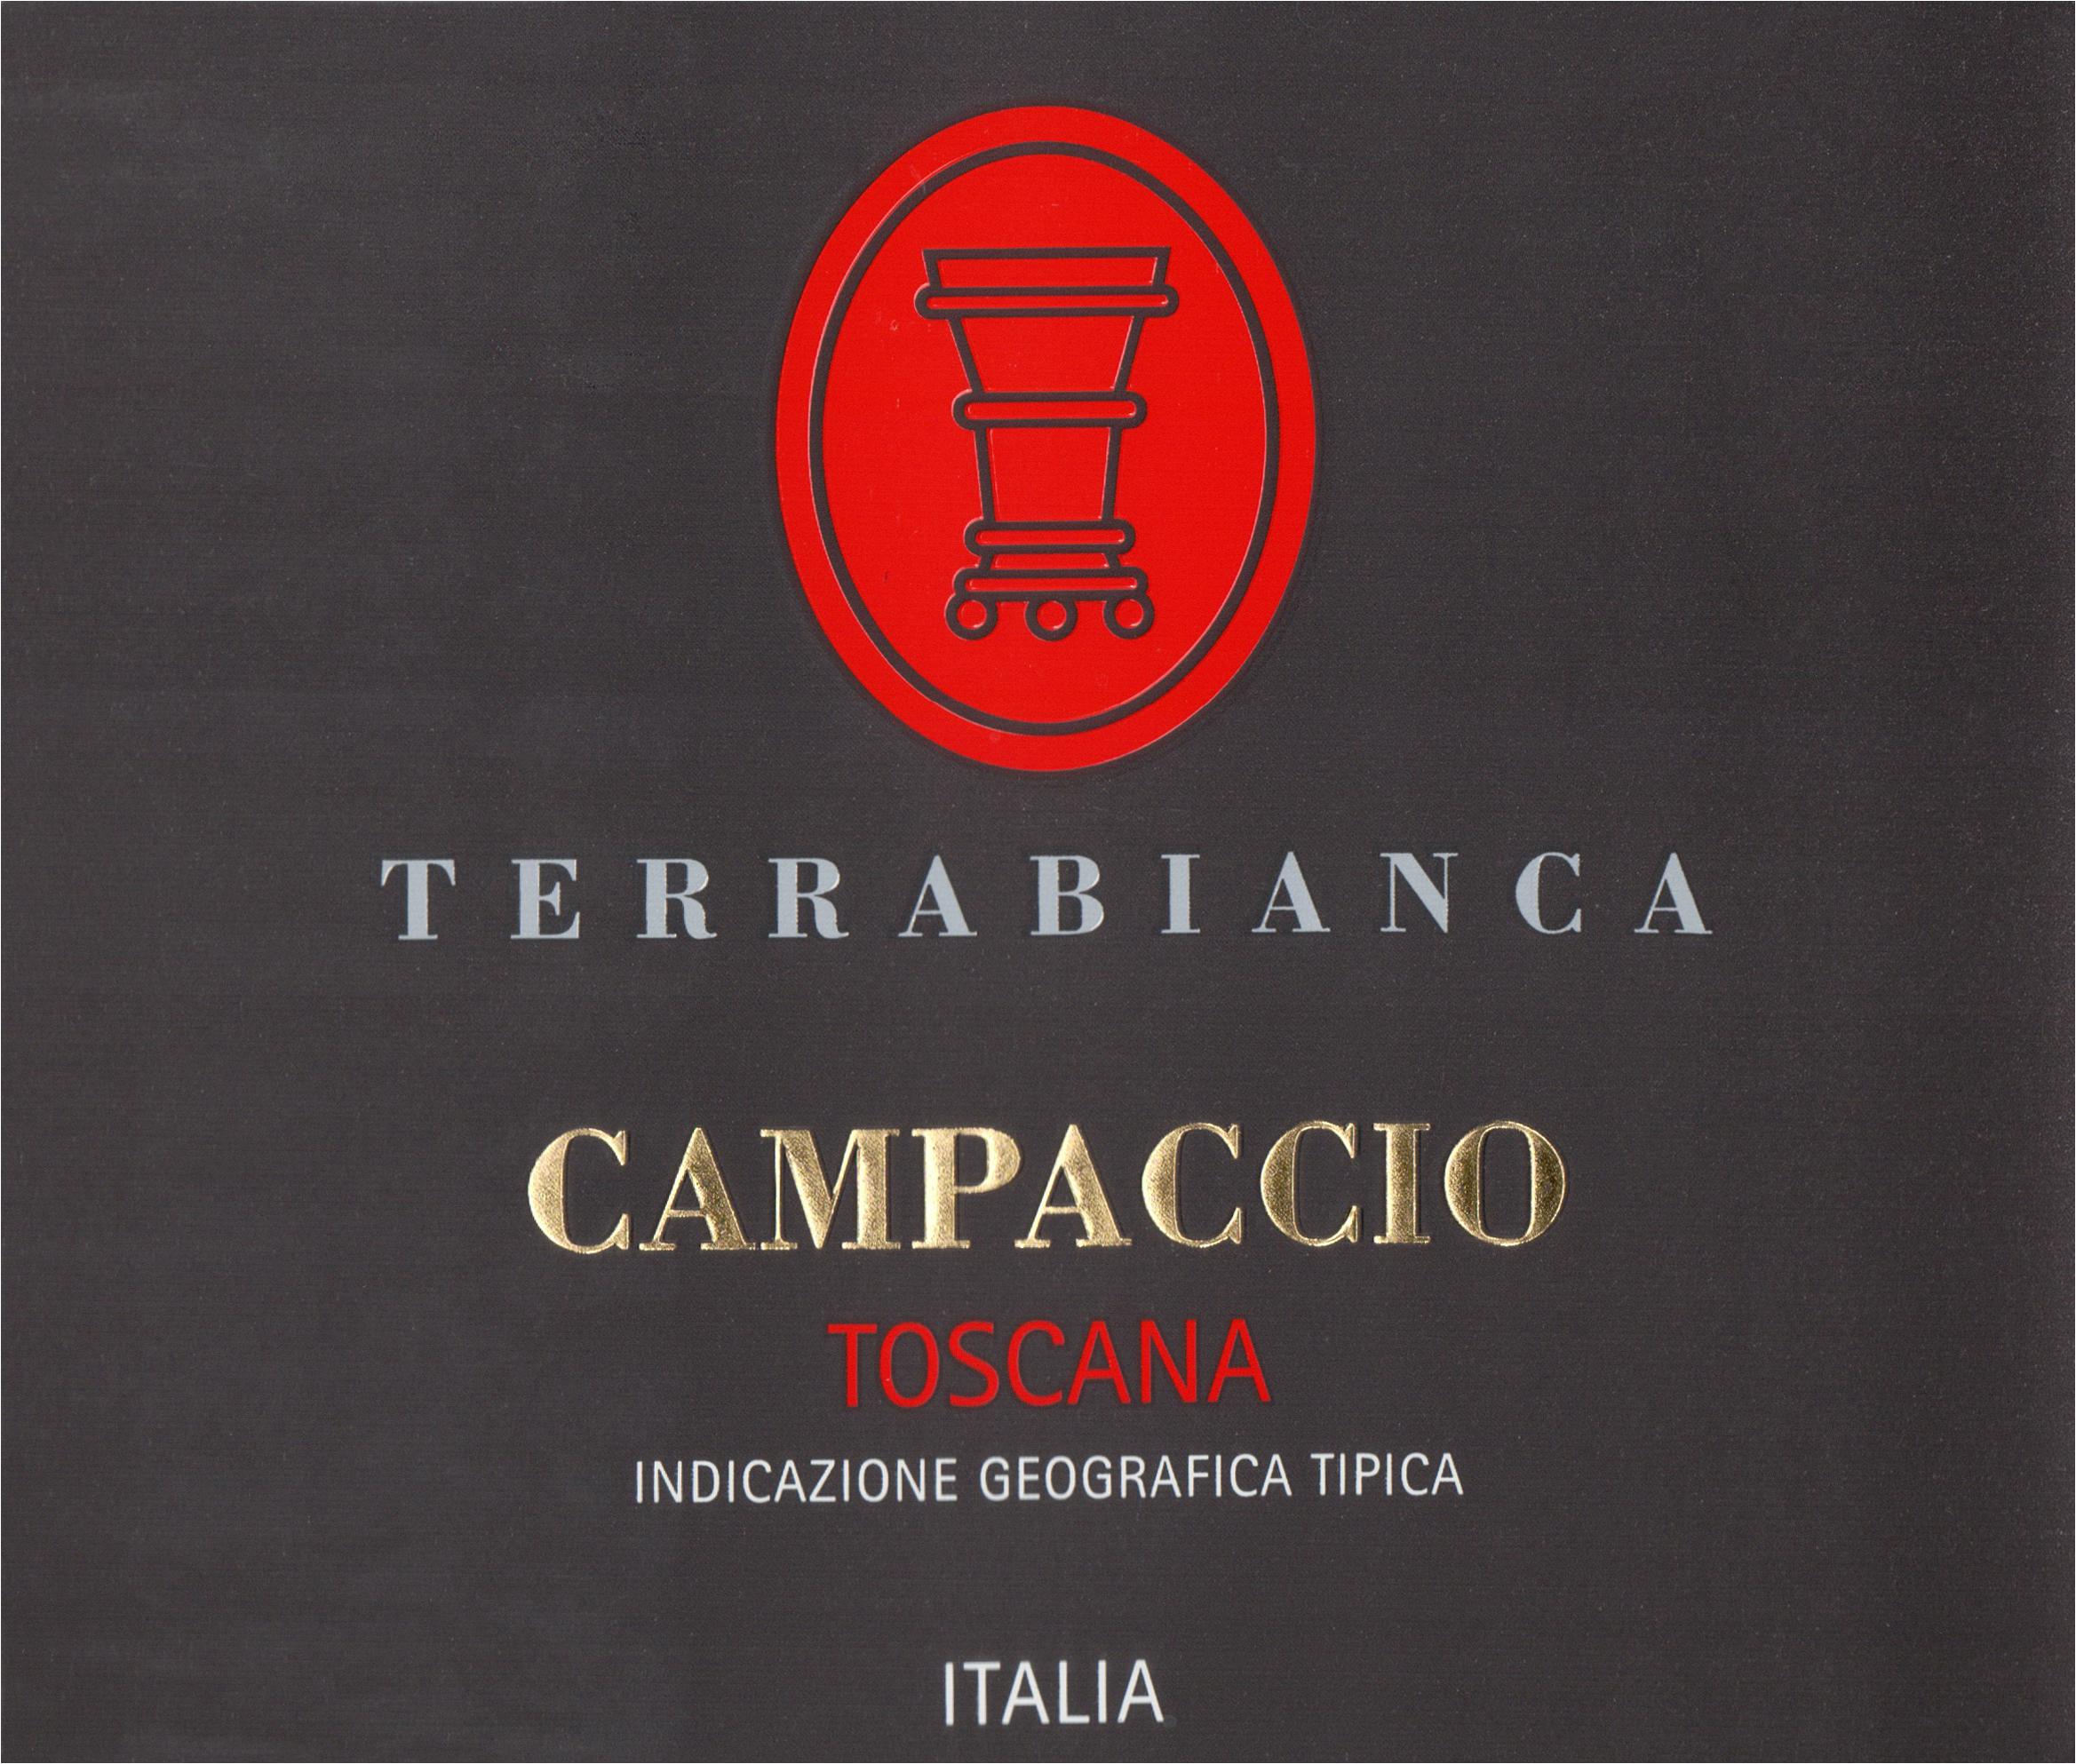 Terrabianca Campaccio 2016